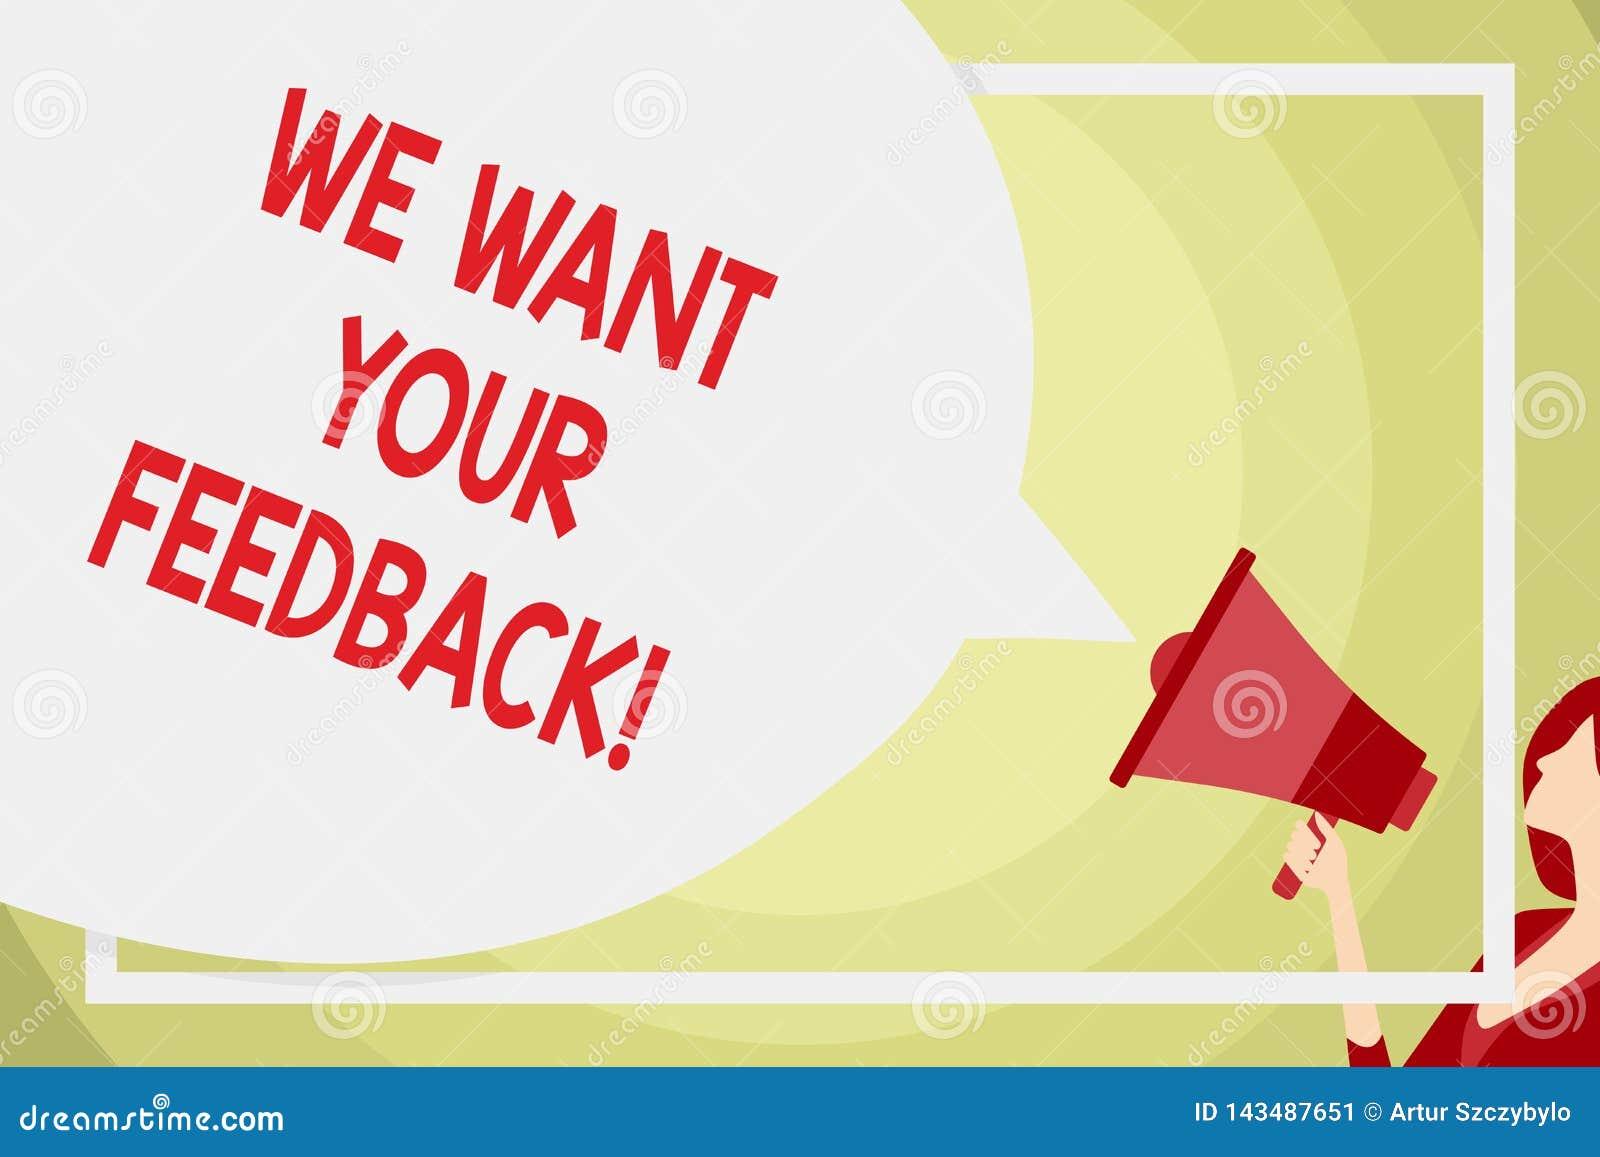 概念性手文字陈列我们想要您的反馈 企业照片指定的文本批评某人说可以做为